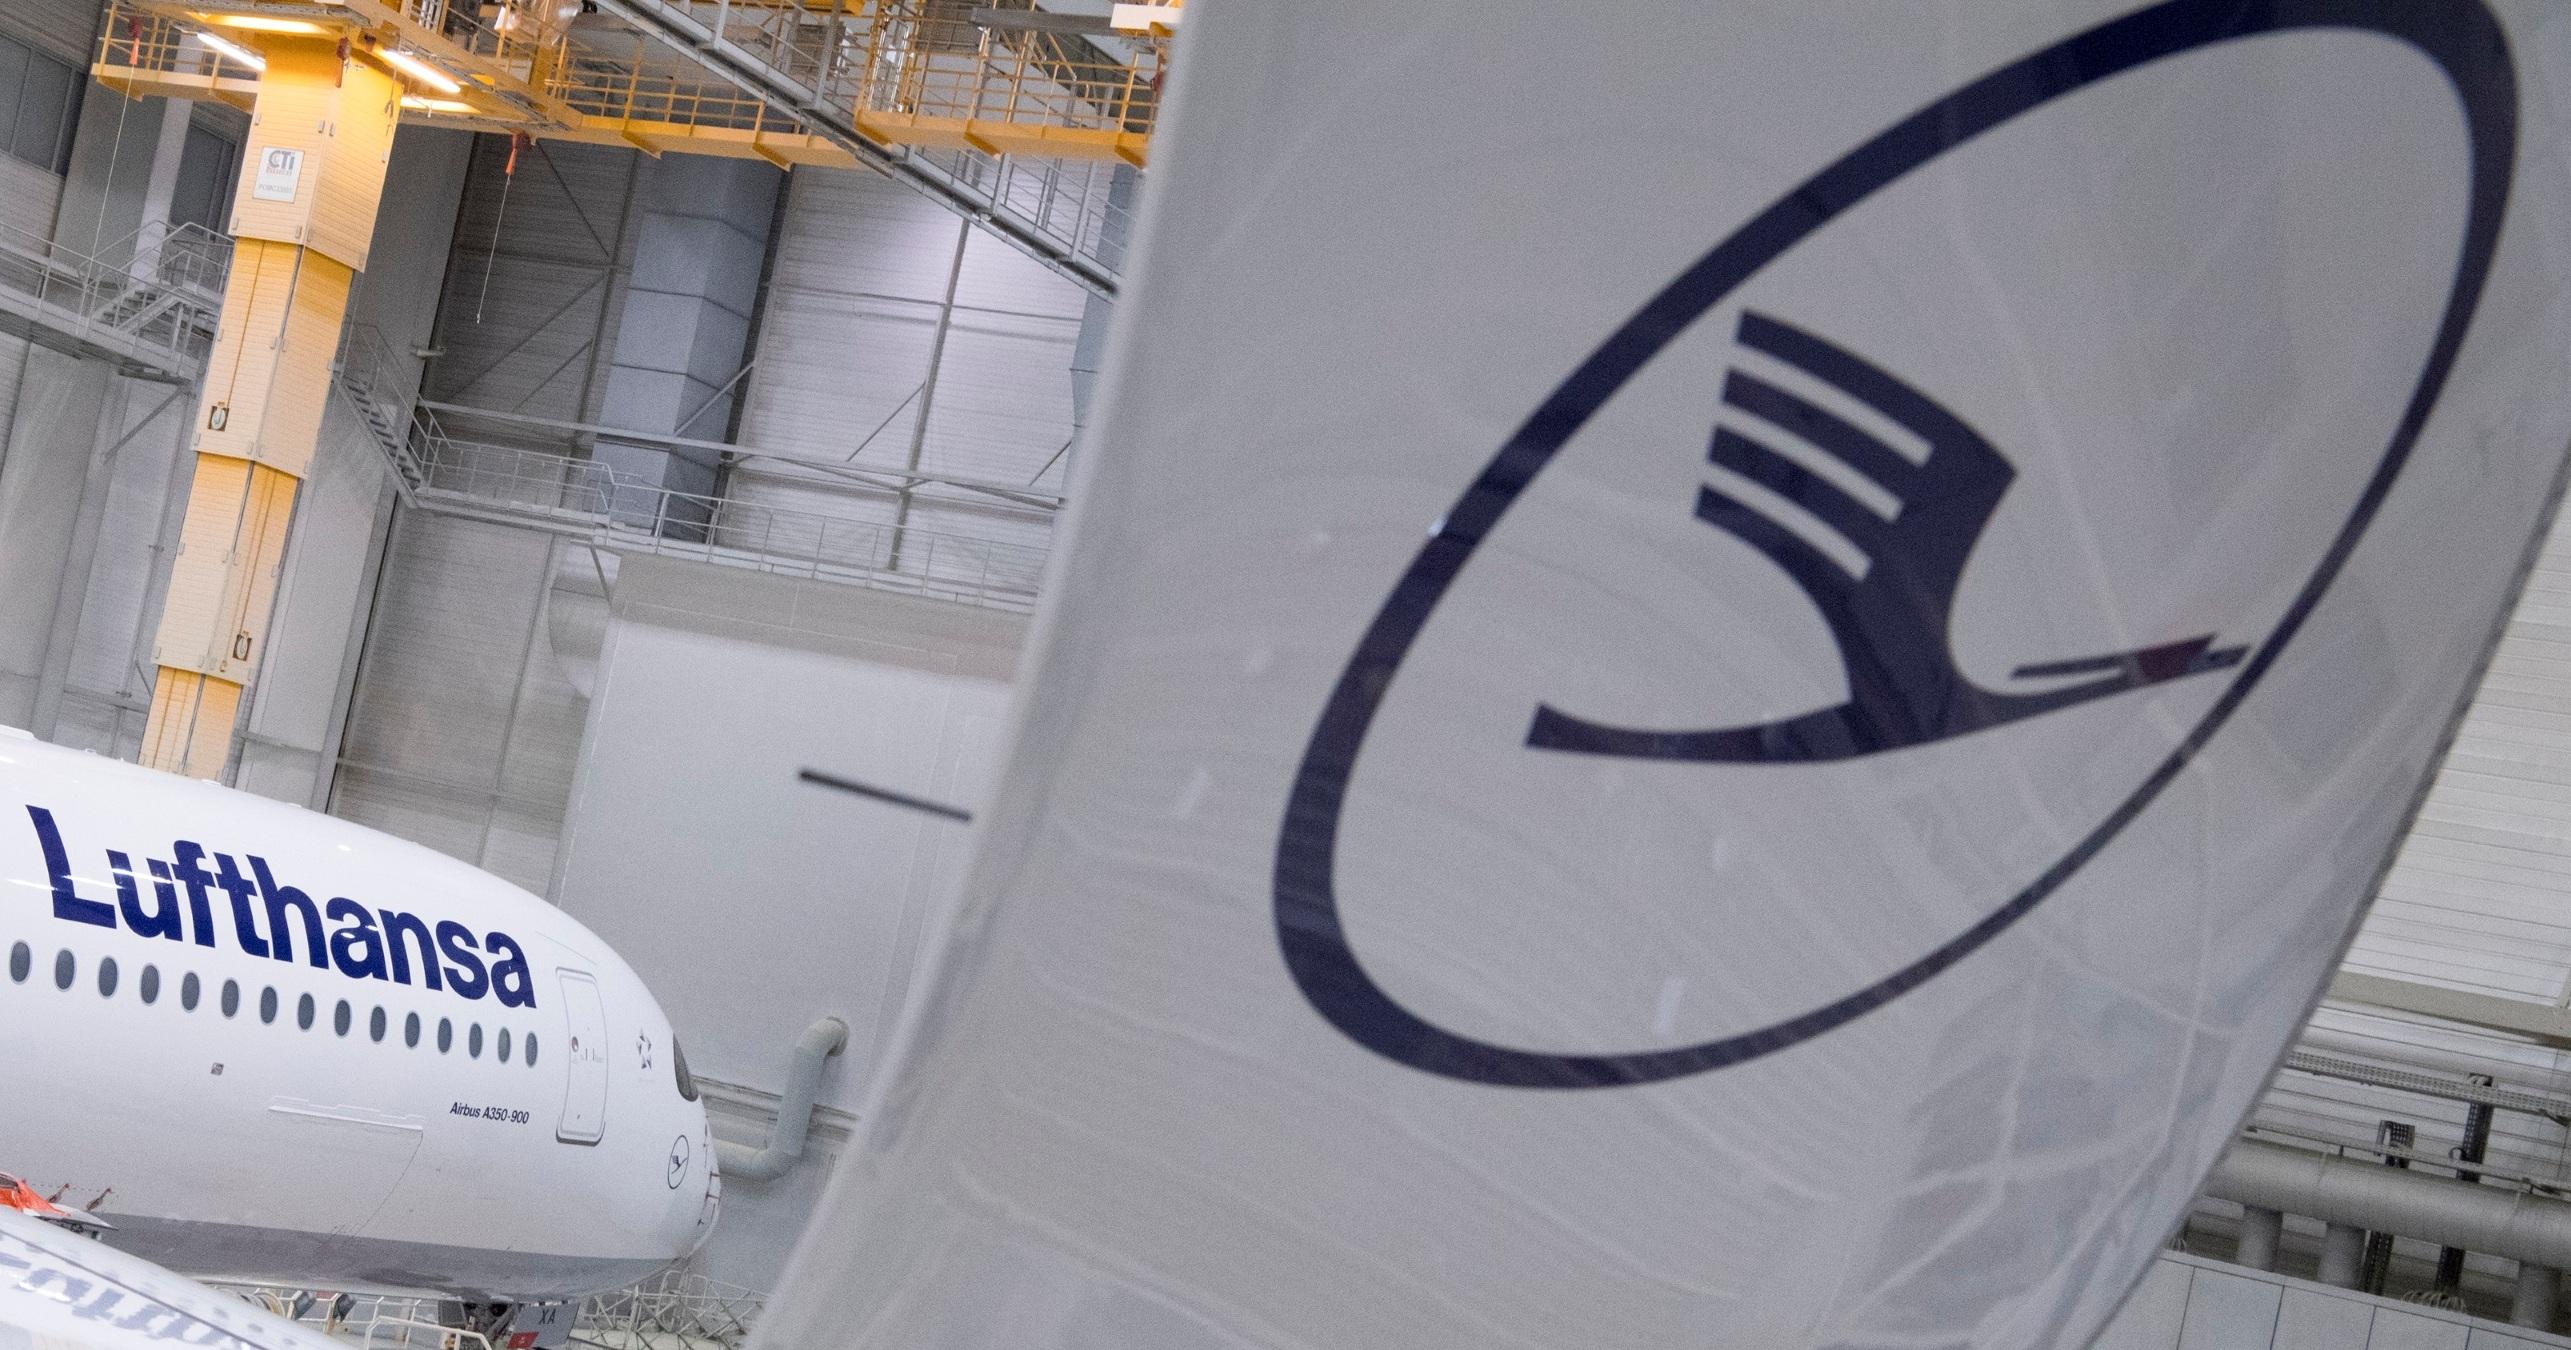 For at tiltrække flere rejsebureauer til sine NDC-sider udbyder et øget antal flyselskaber NDC-priser som der ikke er adgang til via reservationssystemerne. Lufthansa har netop indgået særlig NDC-aftale med erhvervsbureauet Egencia. Pressefoto fra Lufthansa.